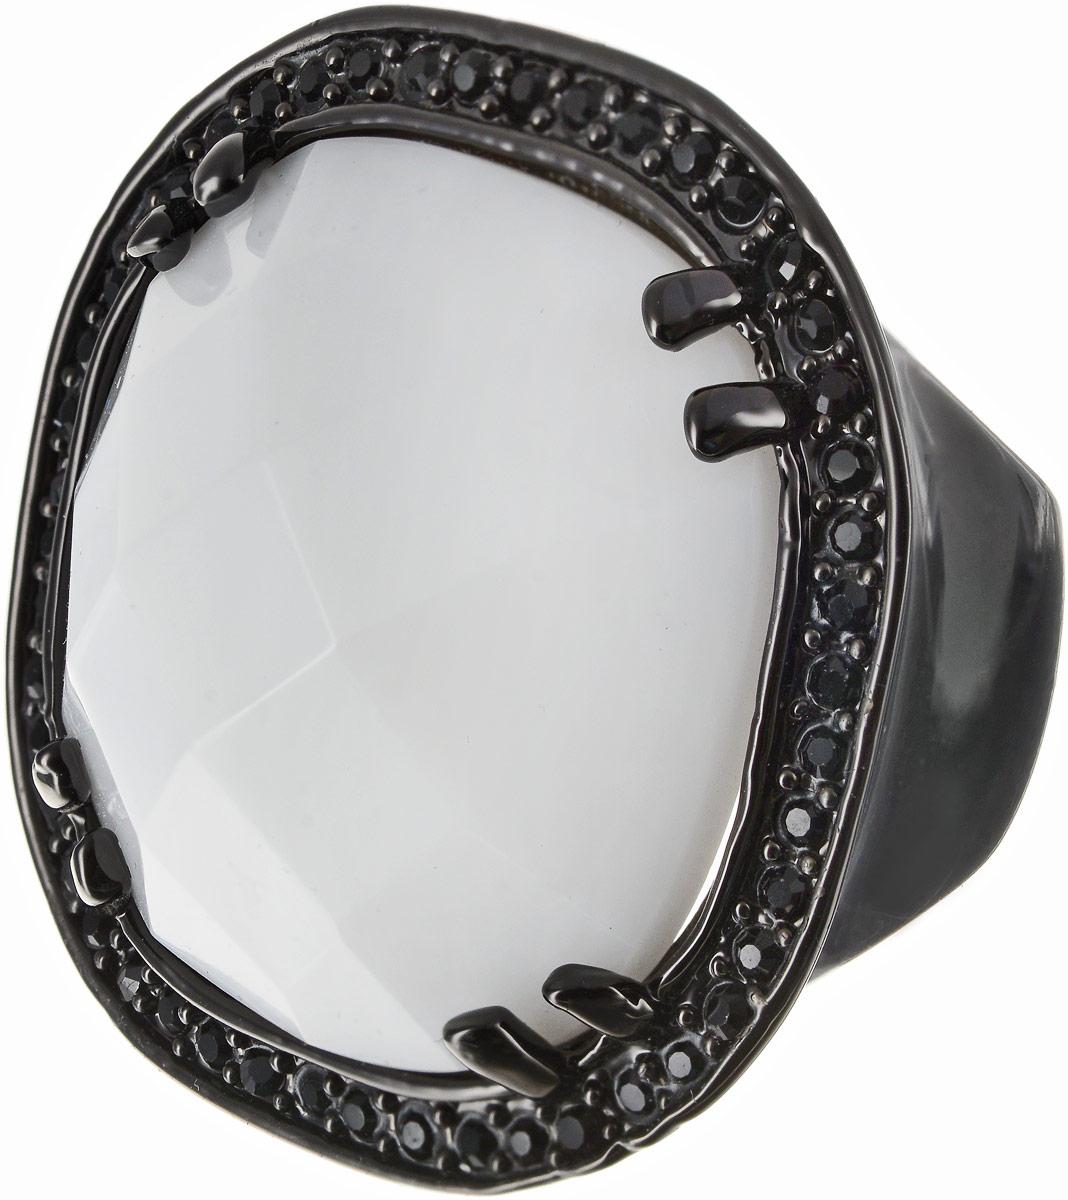 Кольцо Art-Silver, цвет: черный, белый. 360-1283. Размер 18360-1283Оригинальное кольцо Art-Silver выполнено из бижутерного сплава с гальваническим покрытием. Кольцо украшено декоративными вставками. Элегантное кольцо Art-Silver превосходно дополнит ваш образ и подчеркнет отменное чувство стиля своей обладательницы.